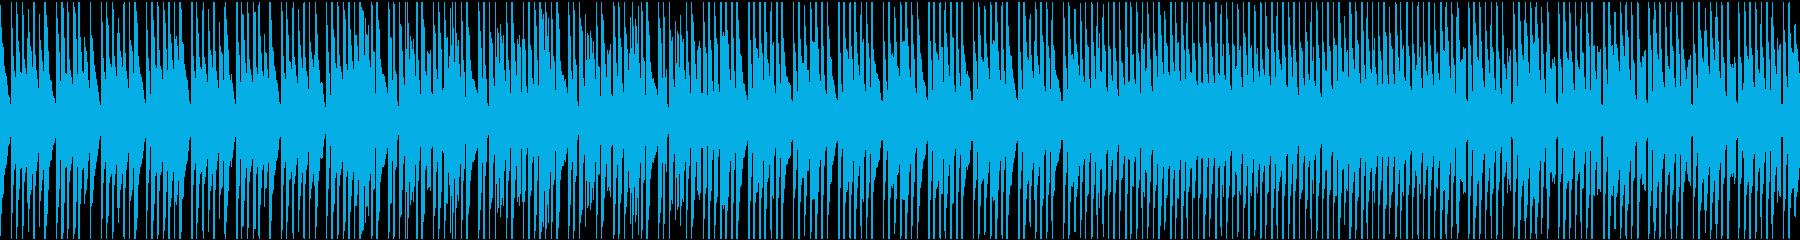 ほのぼのとした日常のコミカルな会話シーンの再生済みの波形